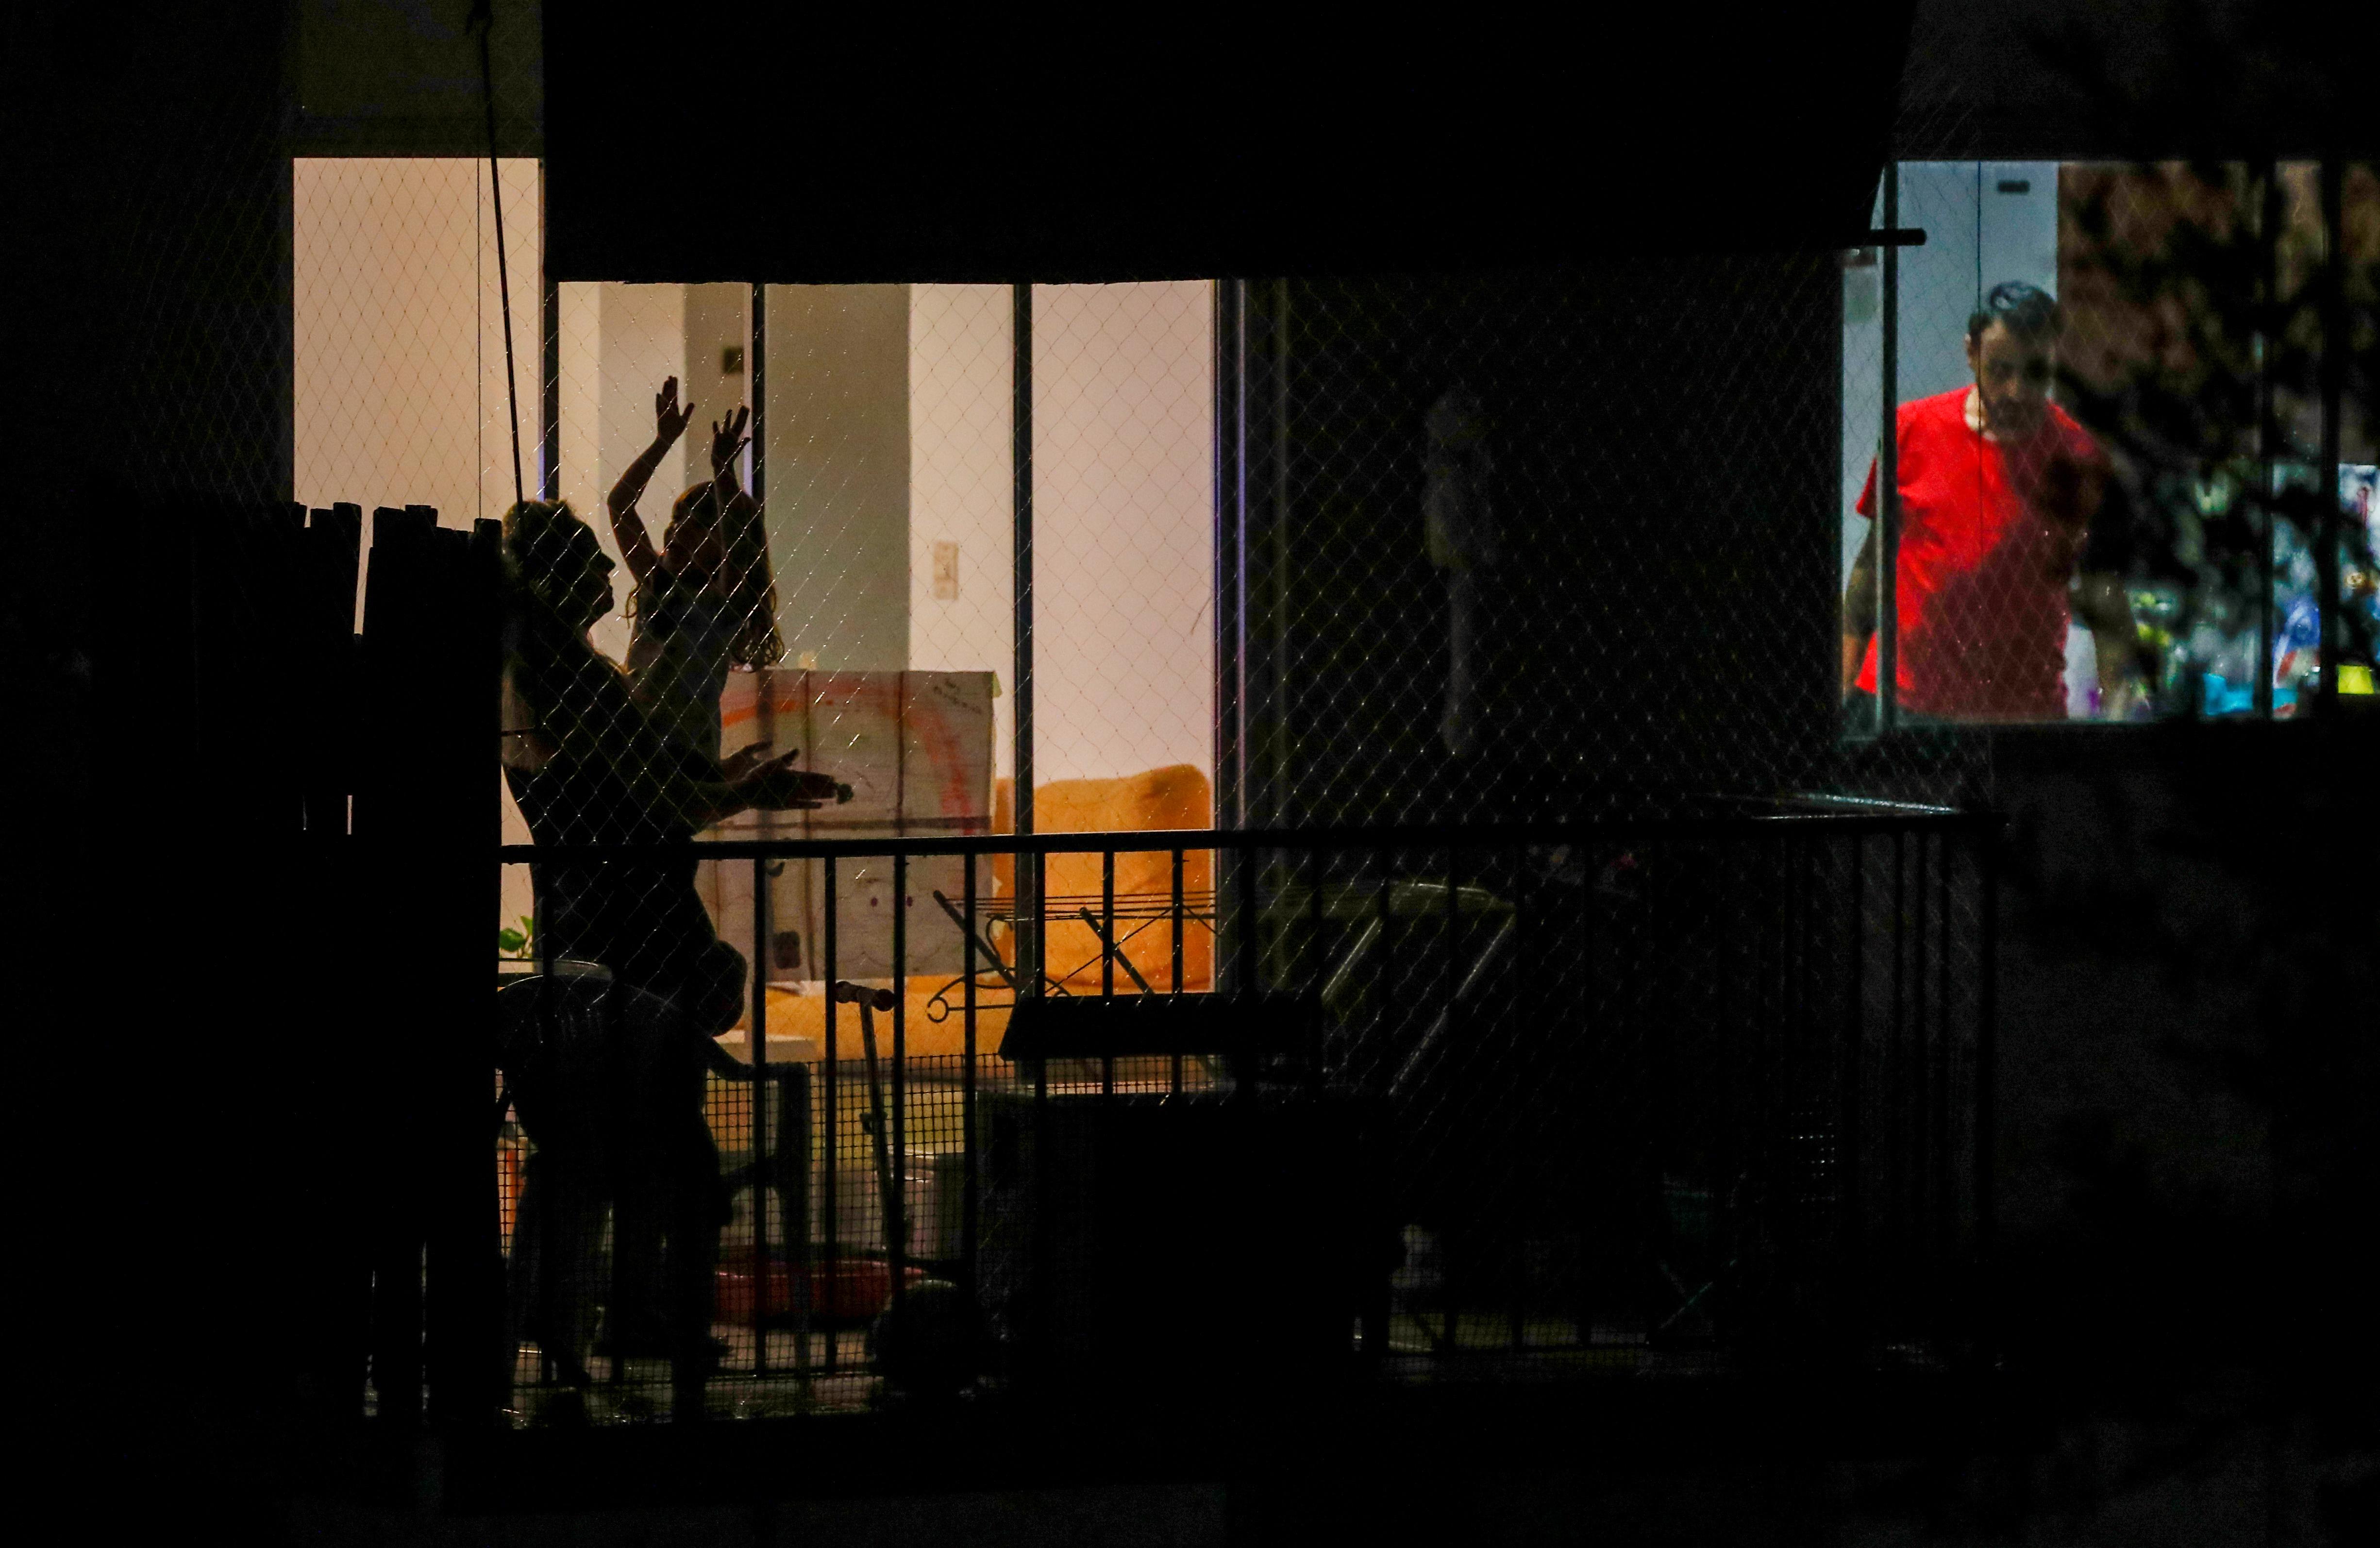 Tal como sucedió en España e Italia, cada noche a las 21 horas, los argentinos adoptamos la buena costumbre de aplaudir a los médicos, enfermeros y auxiliares, primera fila en la lucha contra el COVID-19. La iniciativa, al principio, se difundió a través de las redes sociales bajo el hashtag #Argentinaaplaude. Desde una multitud de balcones, terrazas y ventanas confluyó el emotivo reconocimiento.